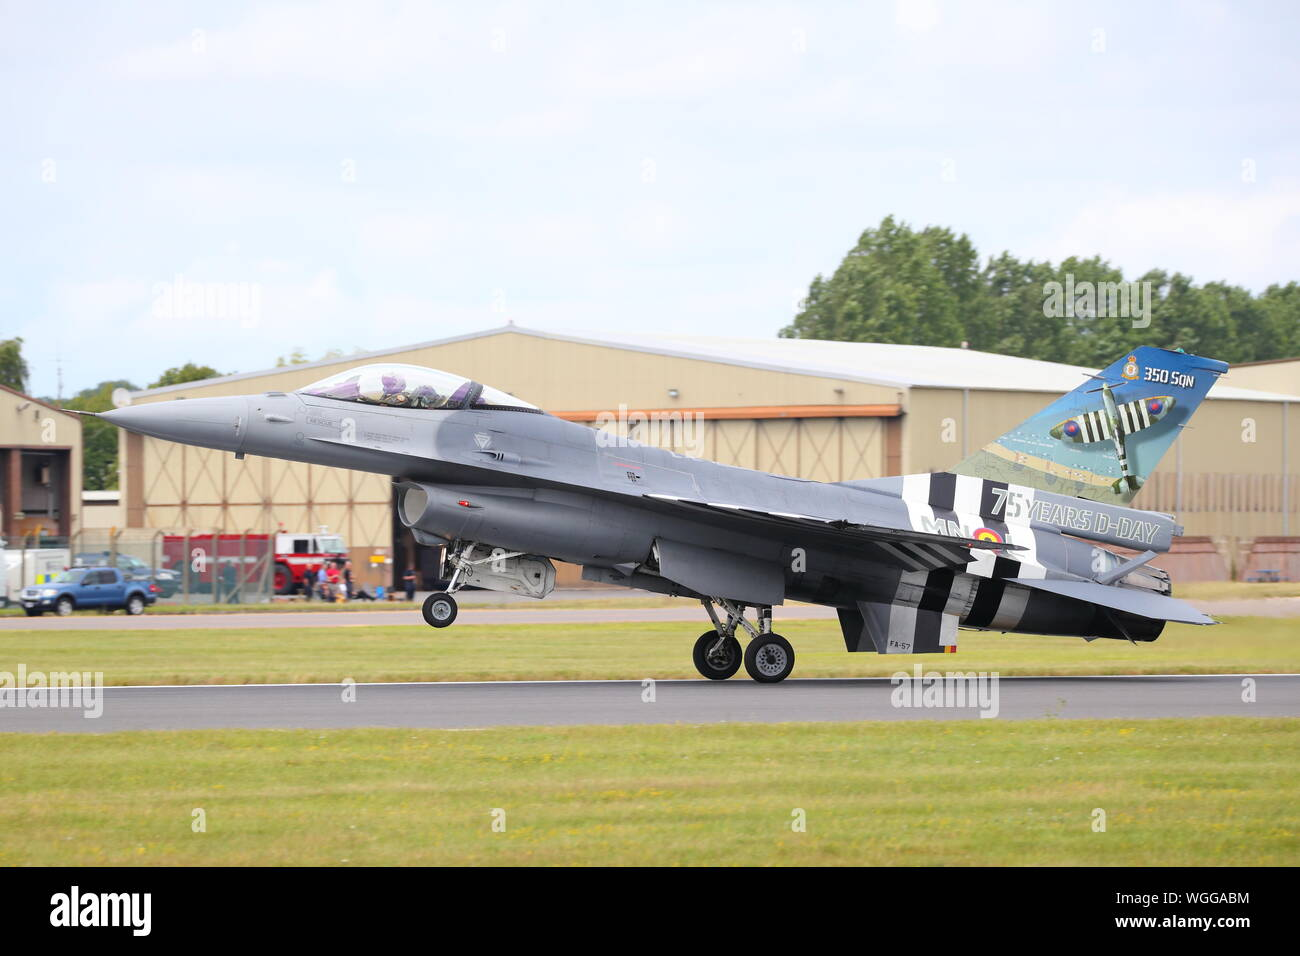 La Force aérienne belge General Dynamics F-16 Fighting Falcon dans D-Day couleurs arrivant à RIAT Air Show, RAF Fairford, Gloucestershire, Royaume-Uni Banque D'Images